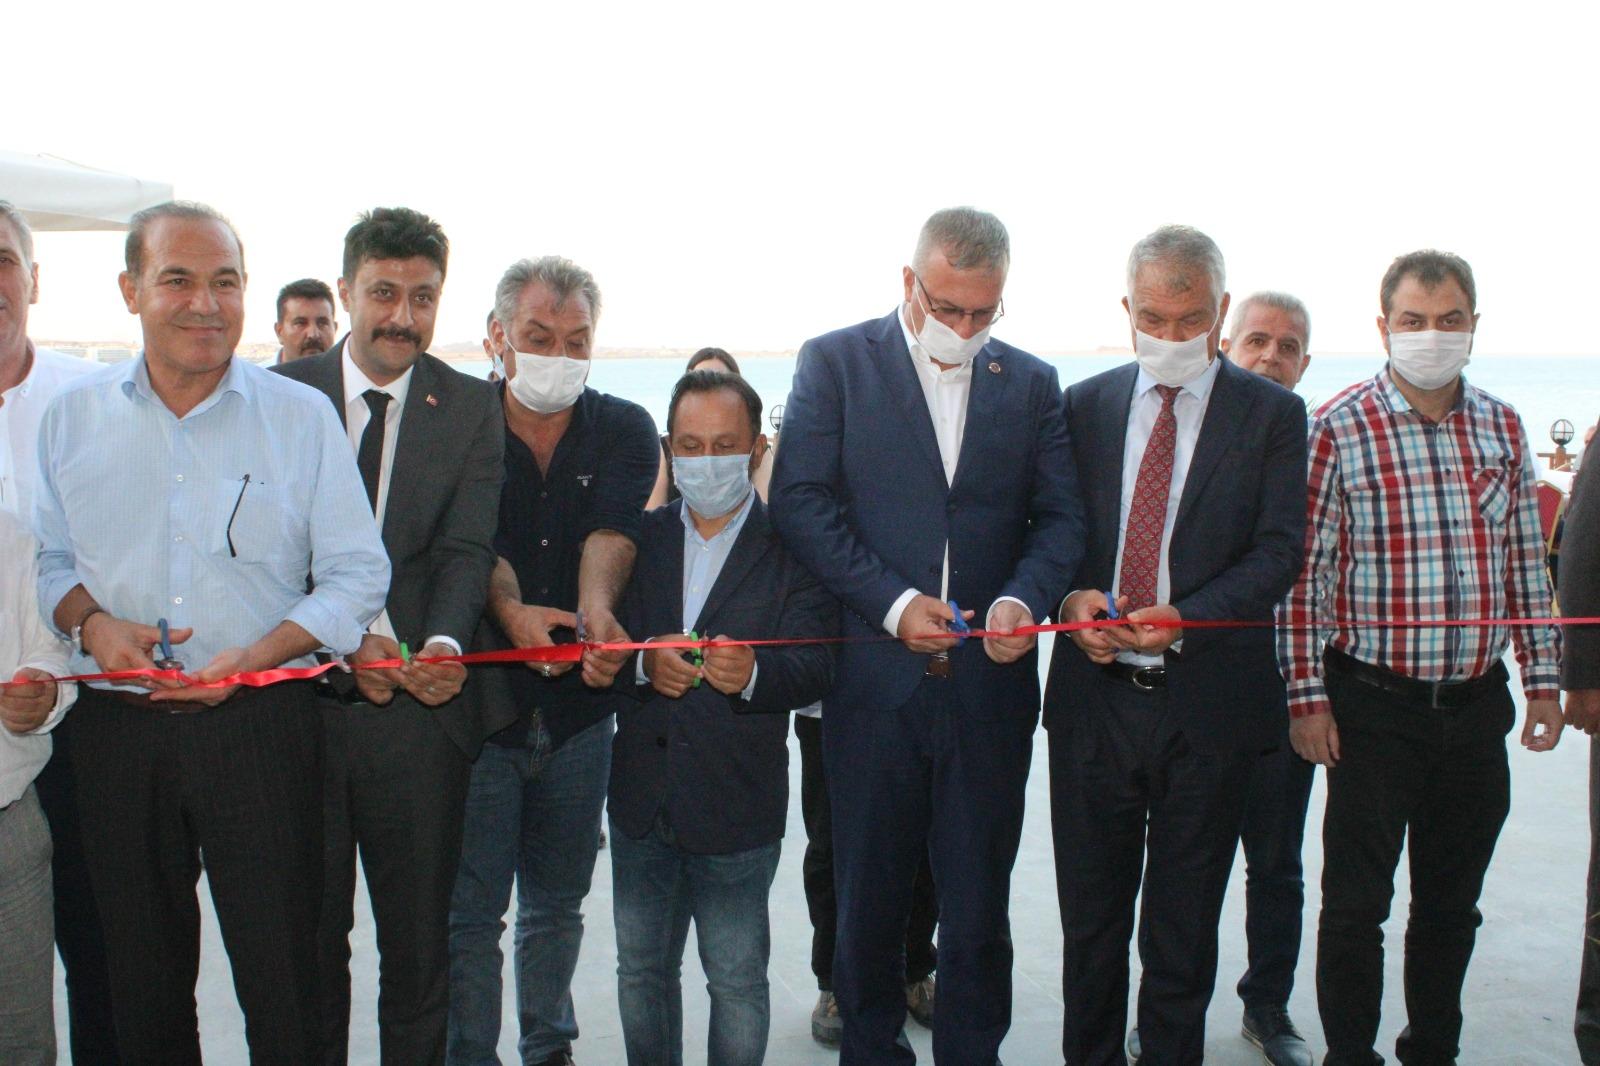 Karataş Belediyesi Şahin Tepesi Kahvaltı Salonu ve Balık Restoran Açıldı.